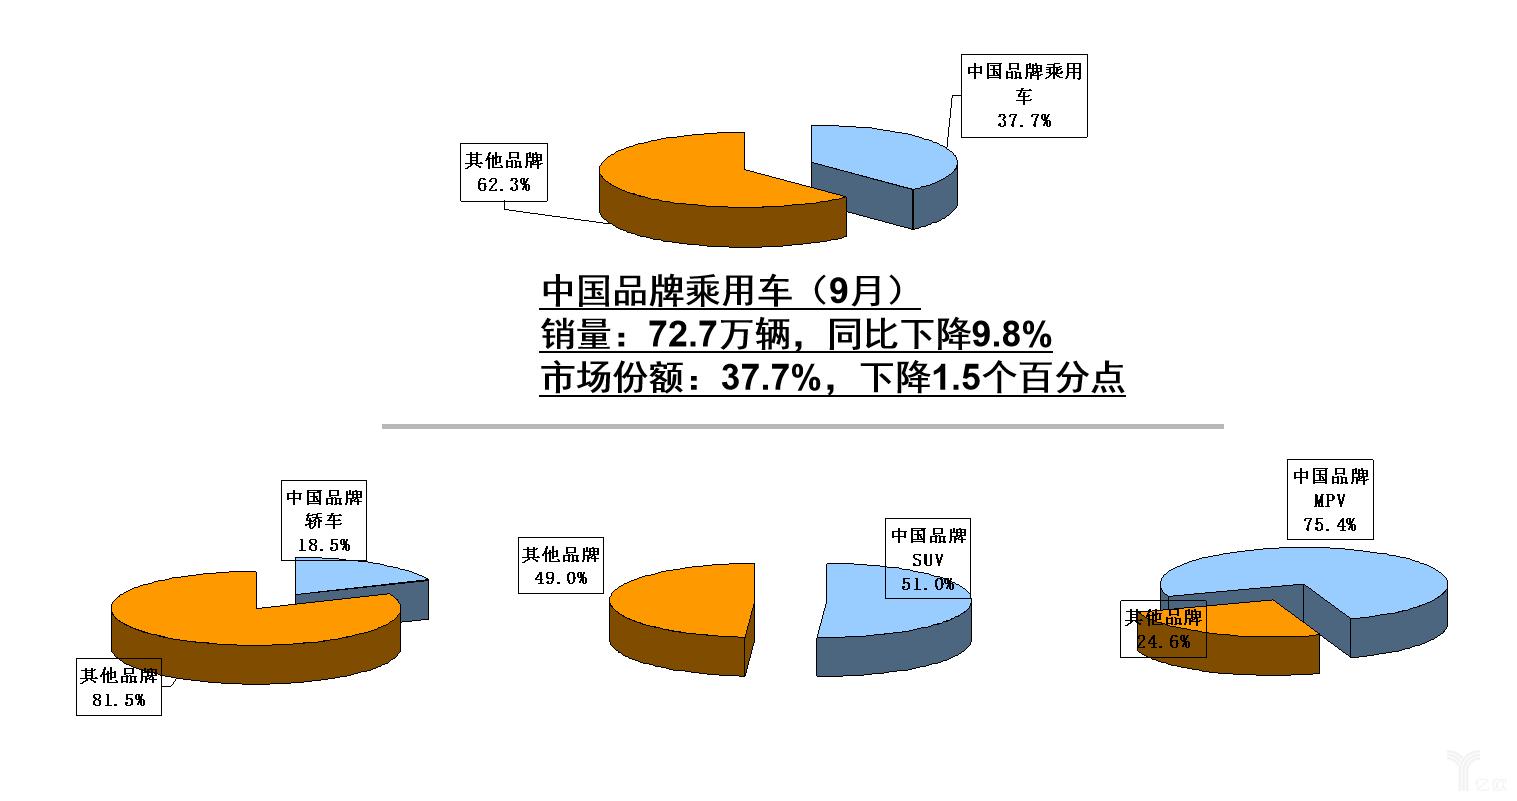 9月中国品牌乘用车销量与市场份额统计